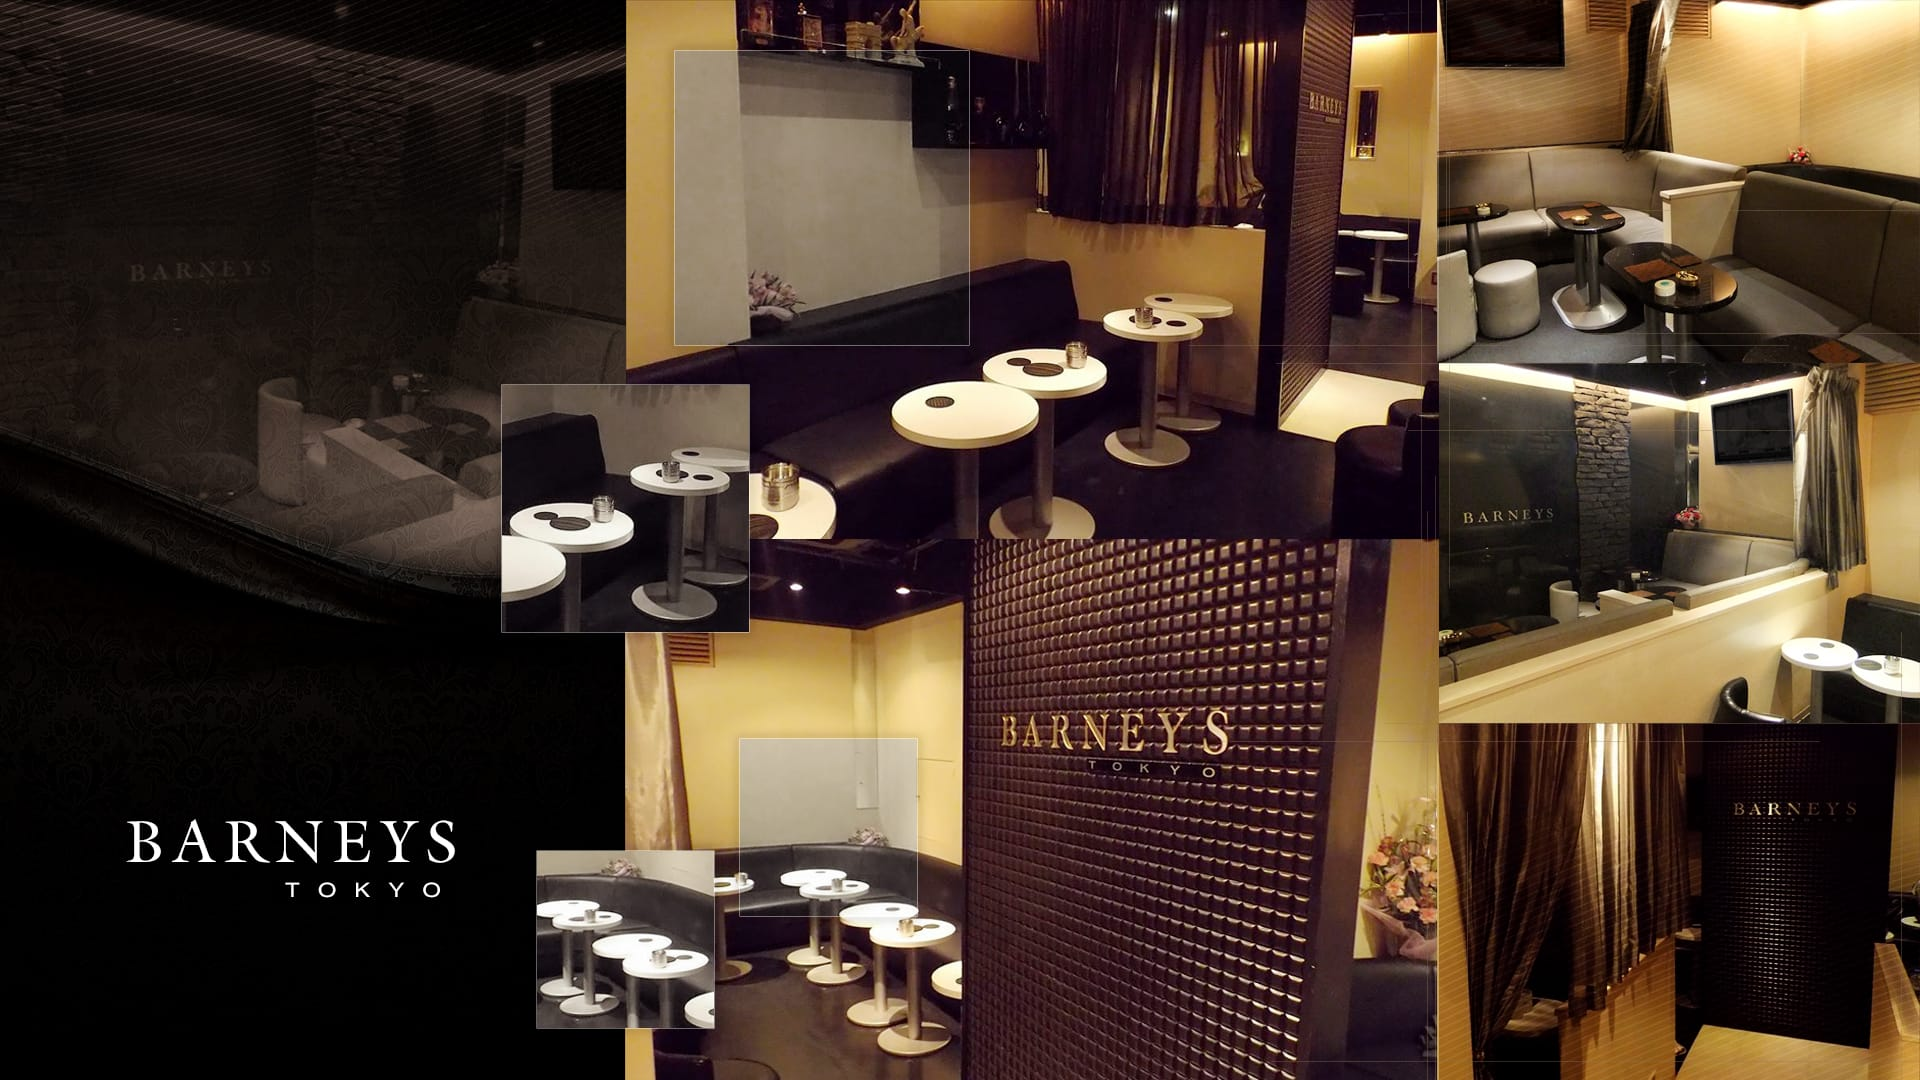 NEW CLUB BARNEYS TOKYO(バーニーズトーキョー) TOP画像